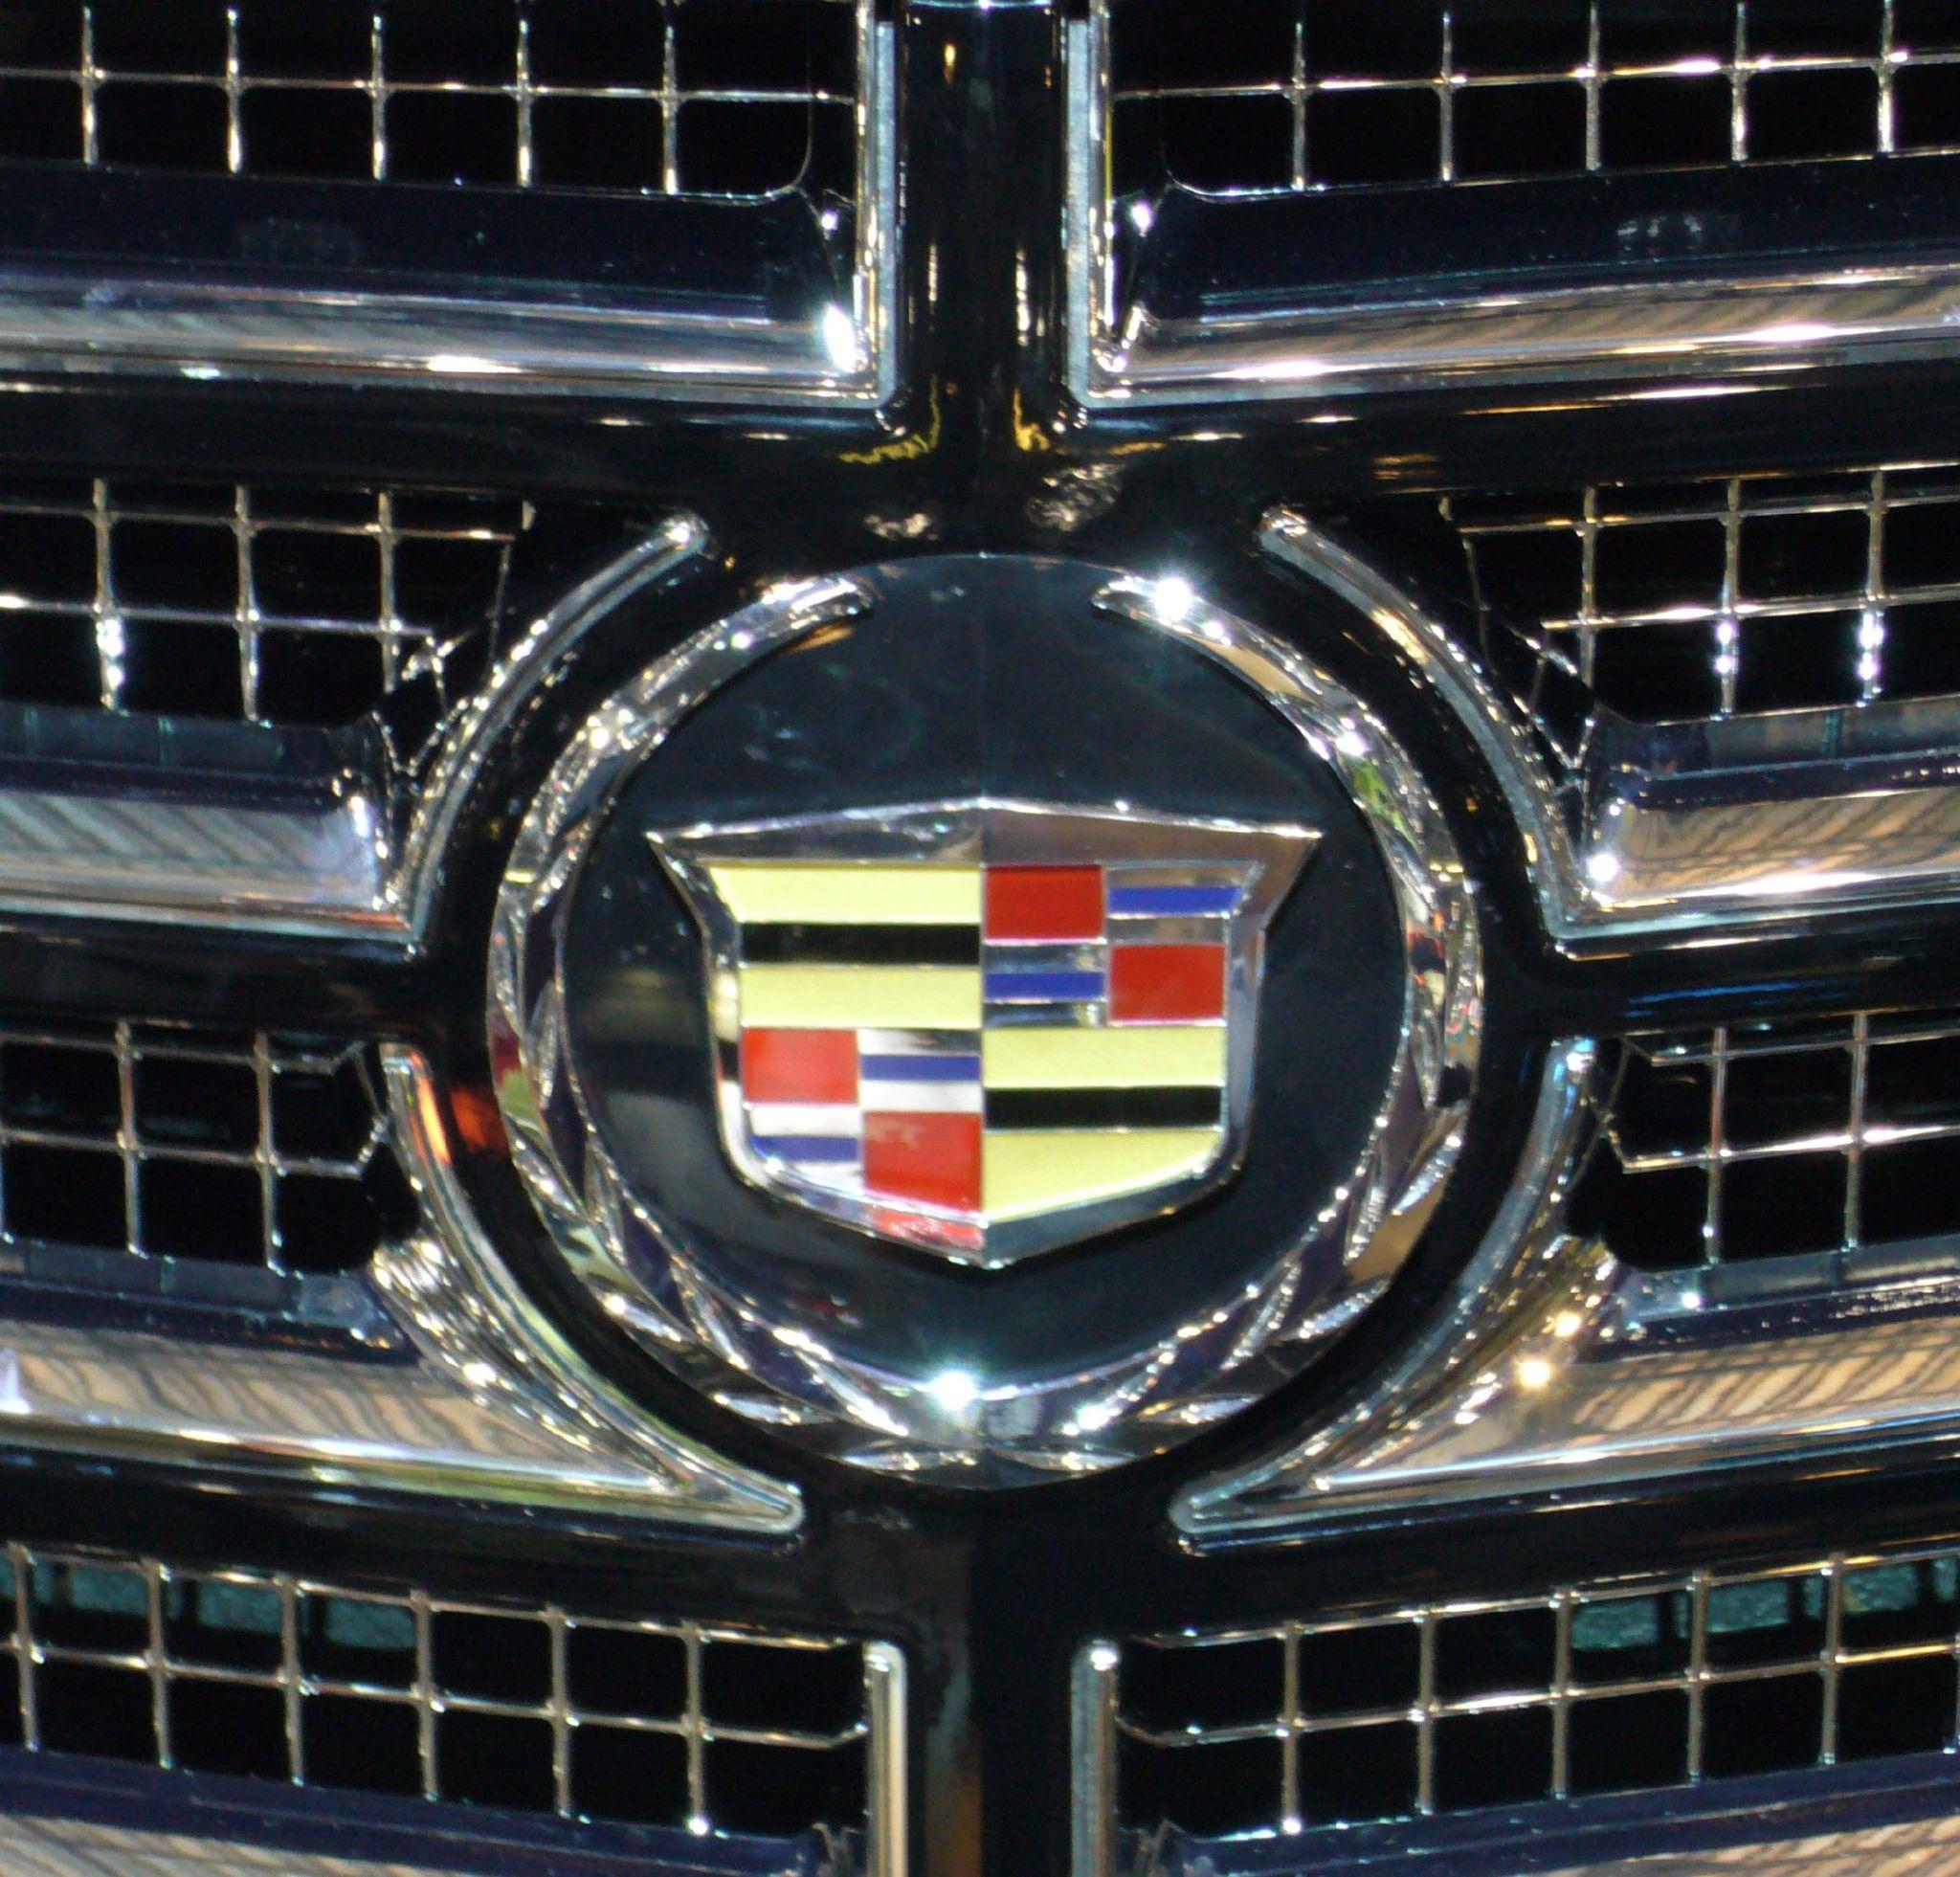 File:Cadillac Escalade